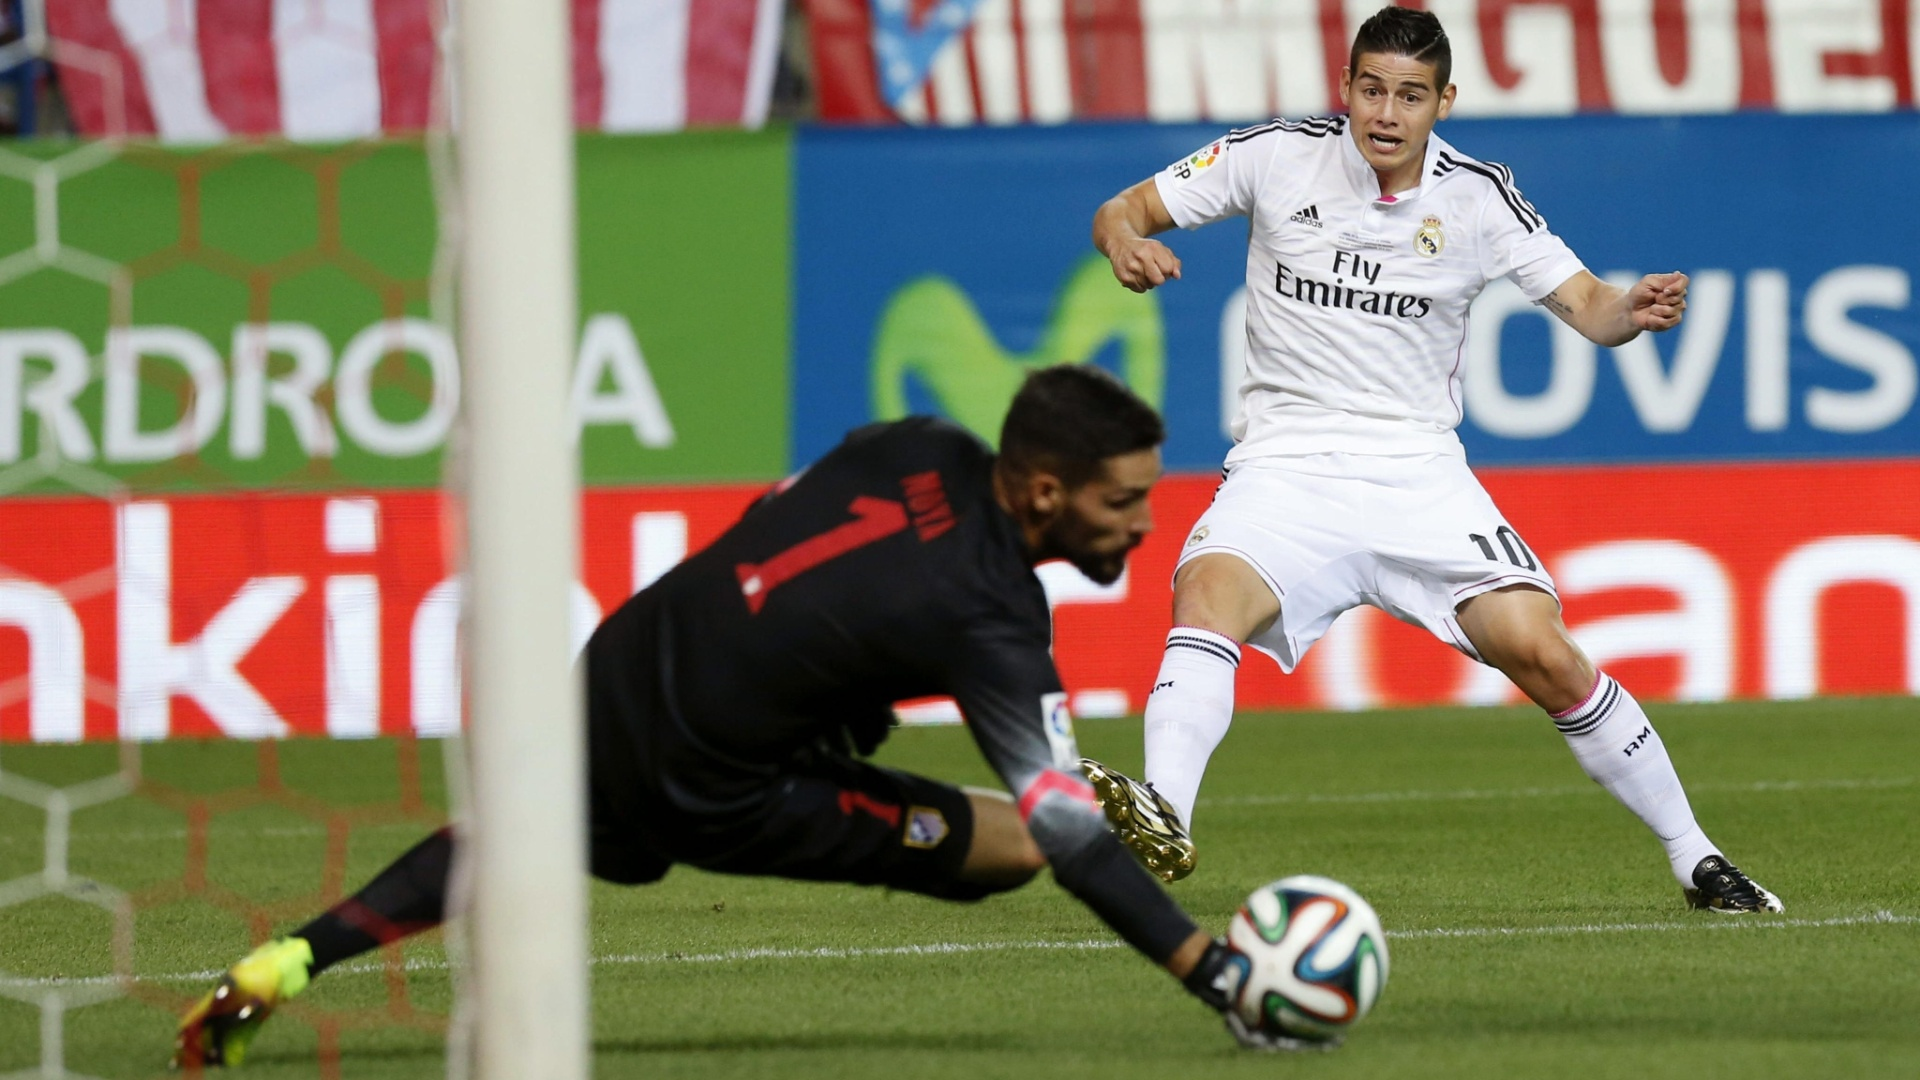 James Rodriguez tenta chute, mas Moyà consegue espalmar de leve e afastar o perigo na decisão da Supercopa da Espanha entre Atético de Madri e Real Madrid